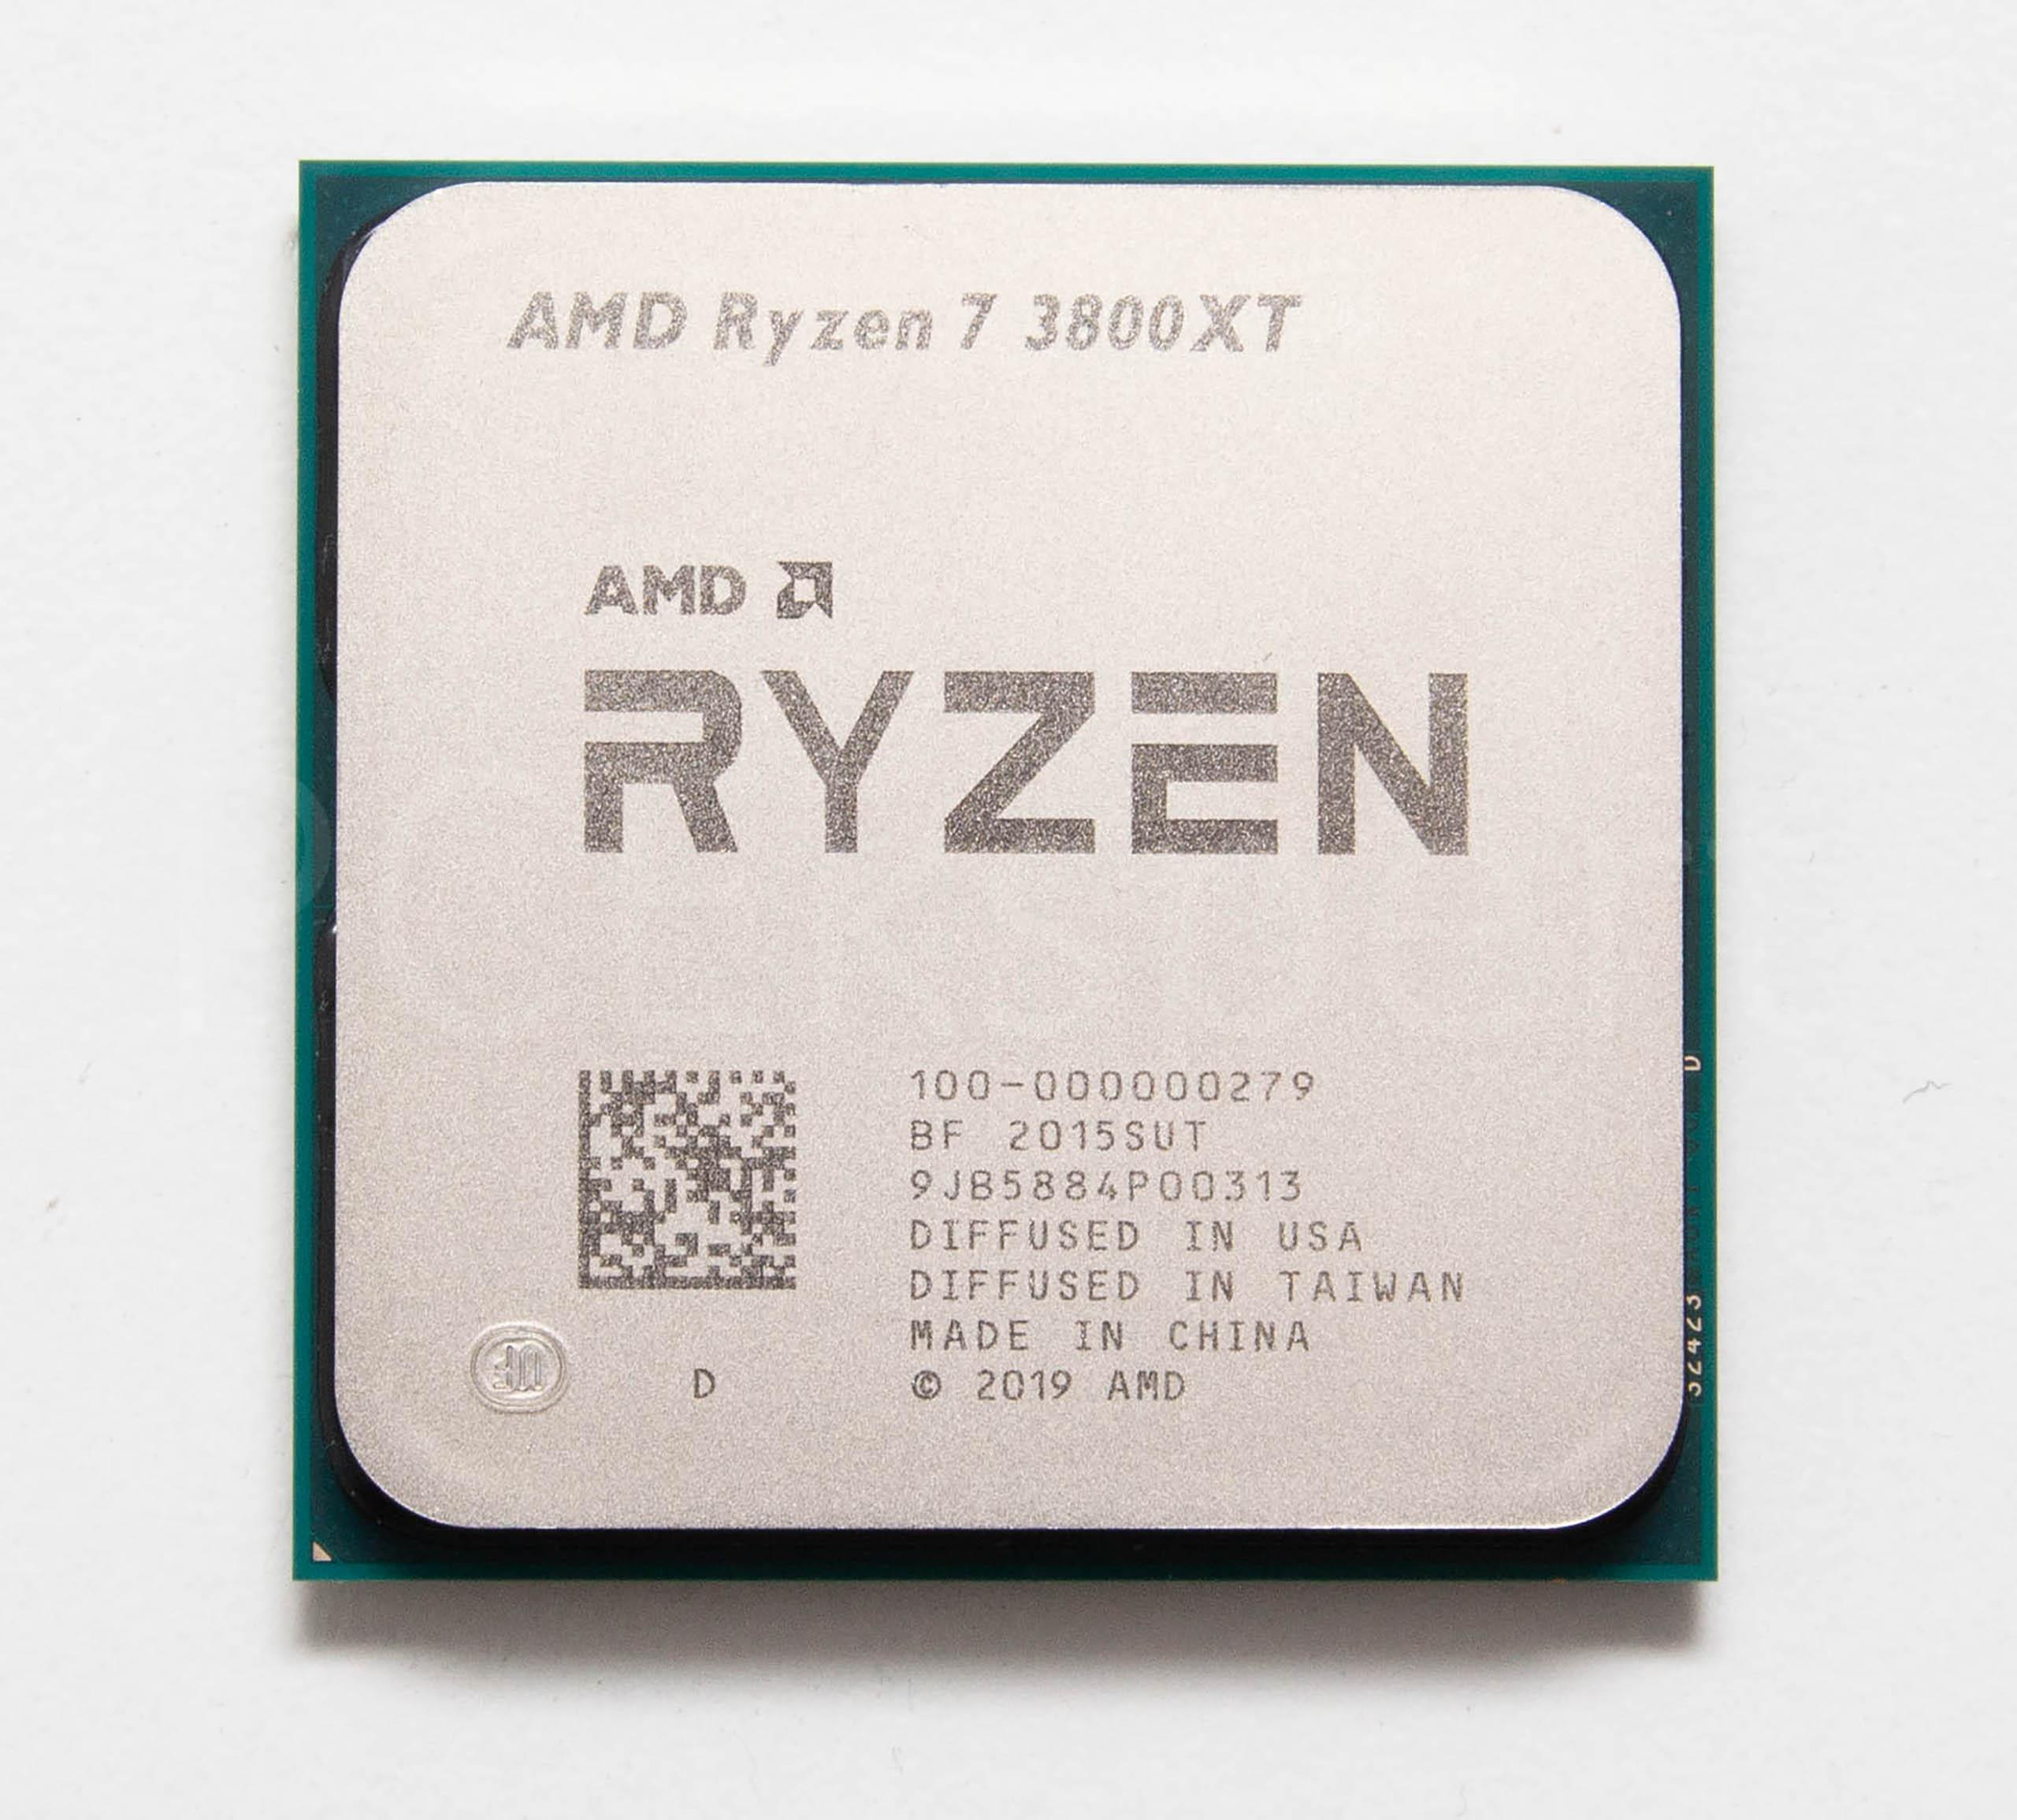 AMD Ryzen 7 3800XT recenzija